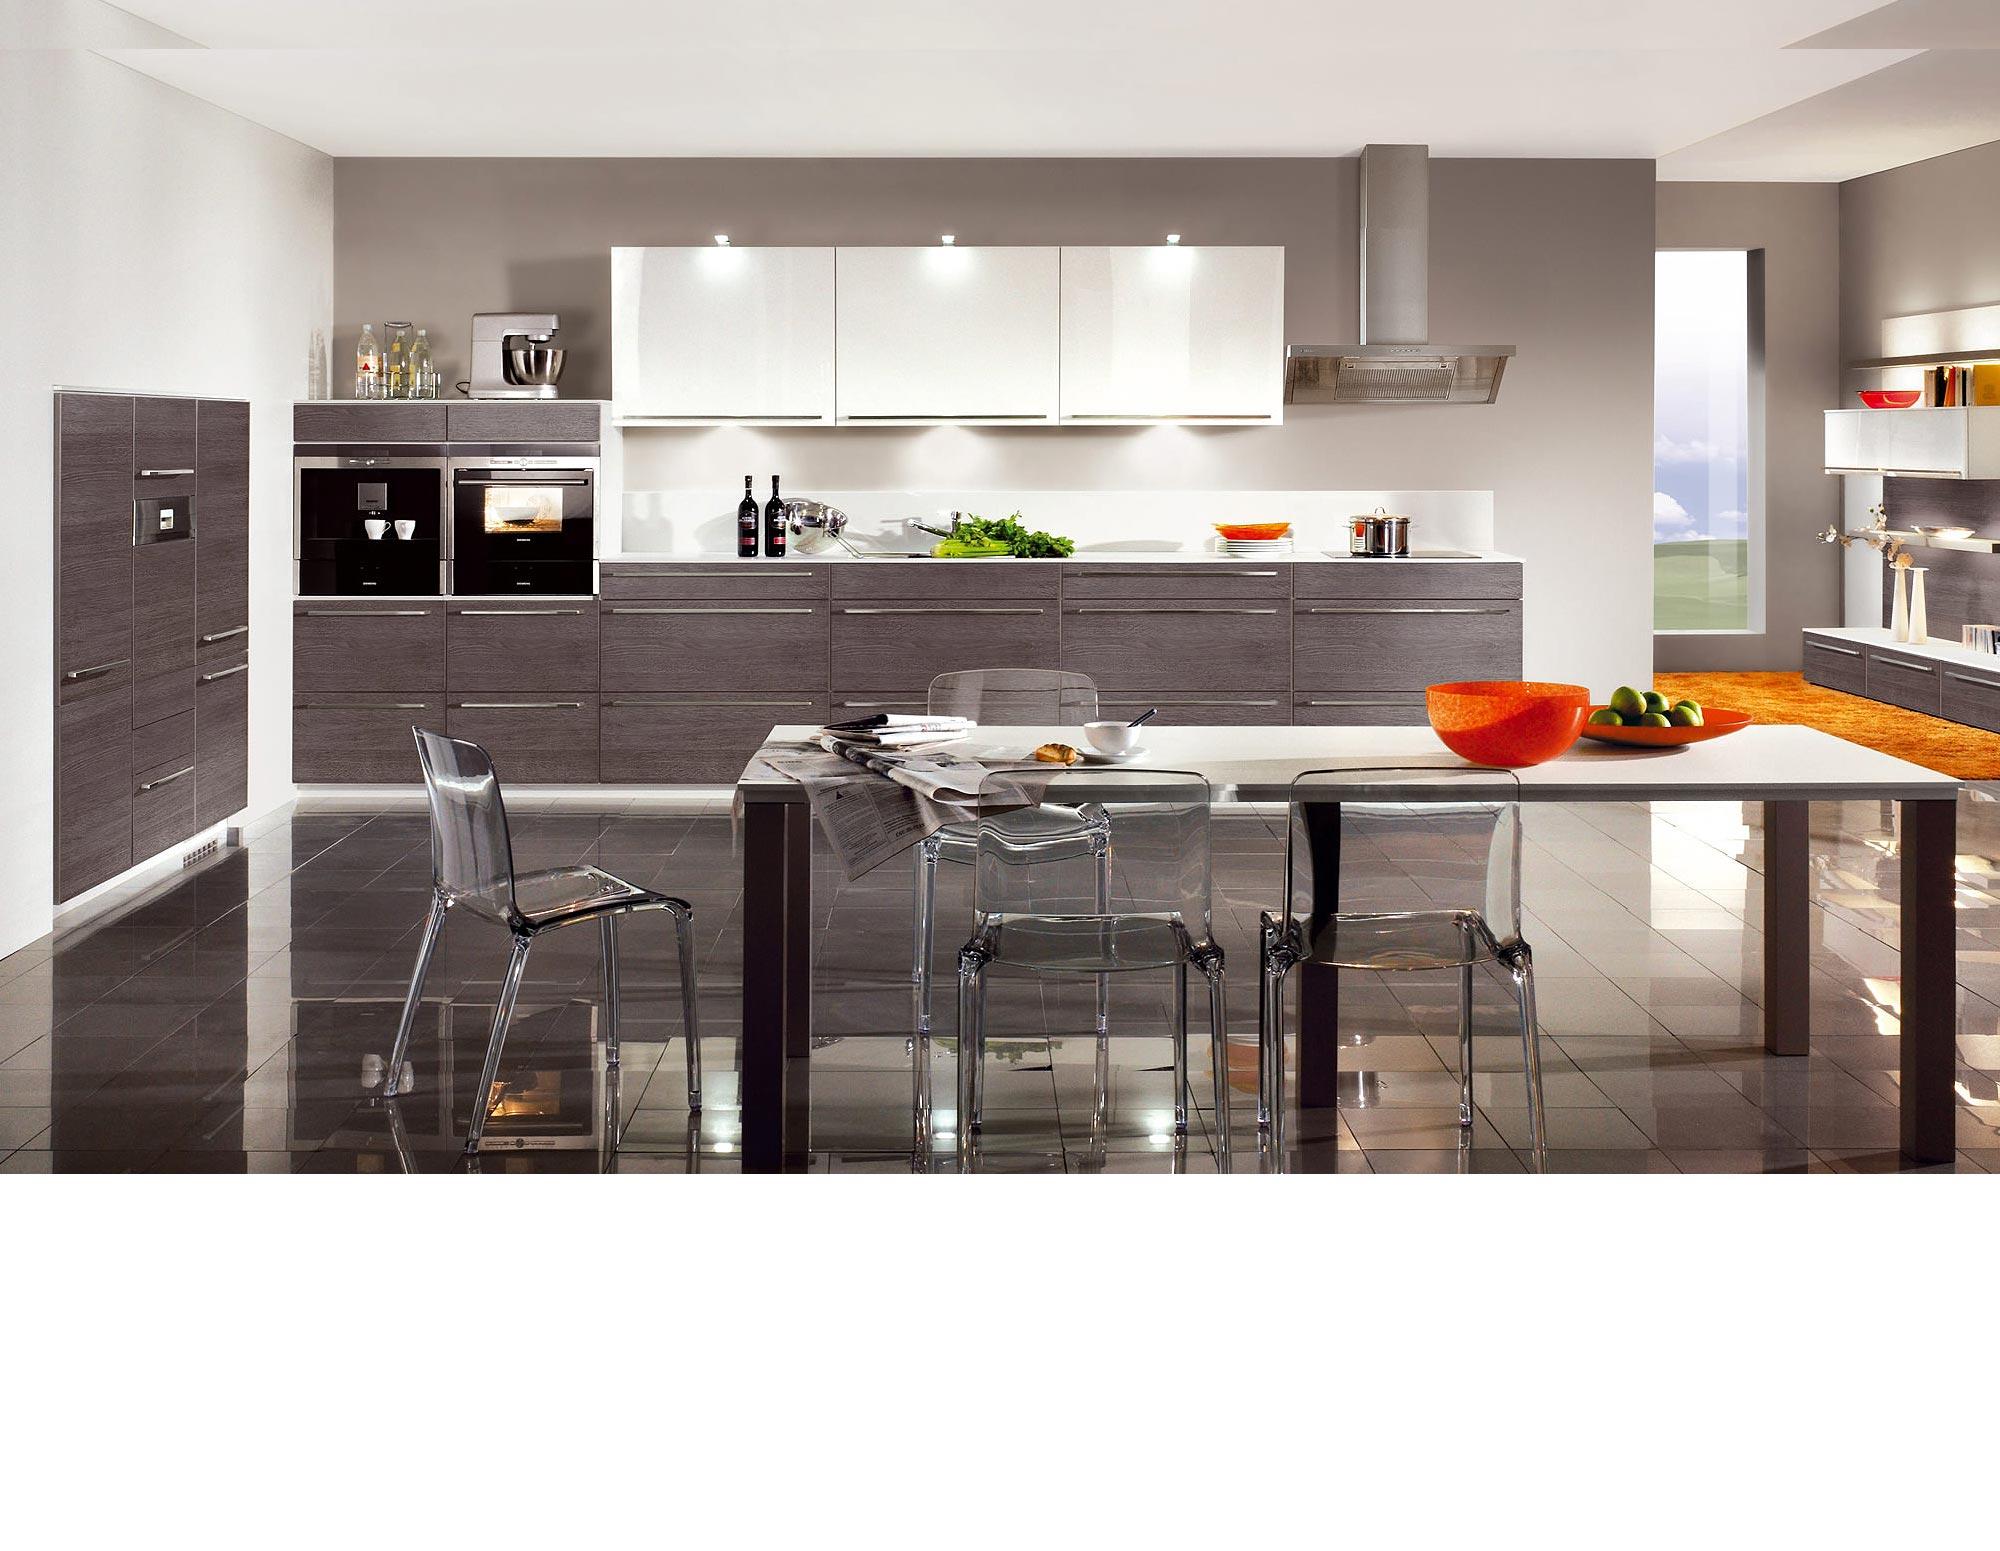 k chen beratung planung. Black Bedroom Furniture Sets. Home Design Ideas